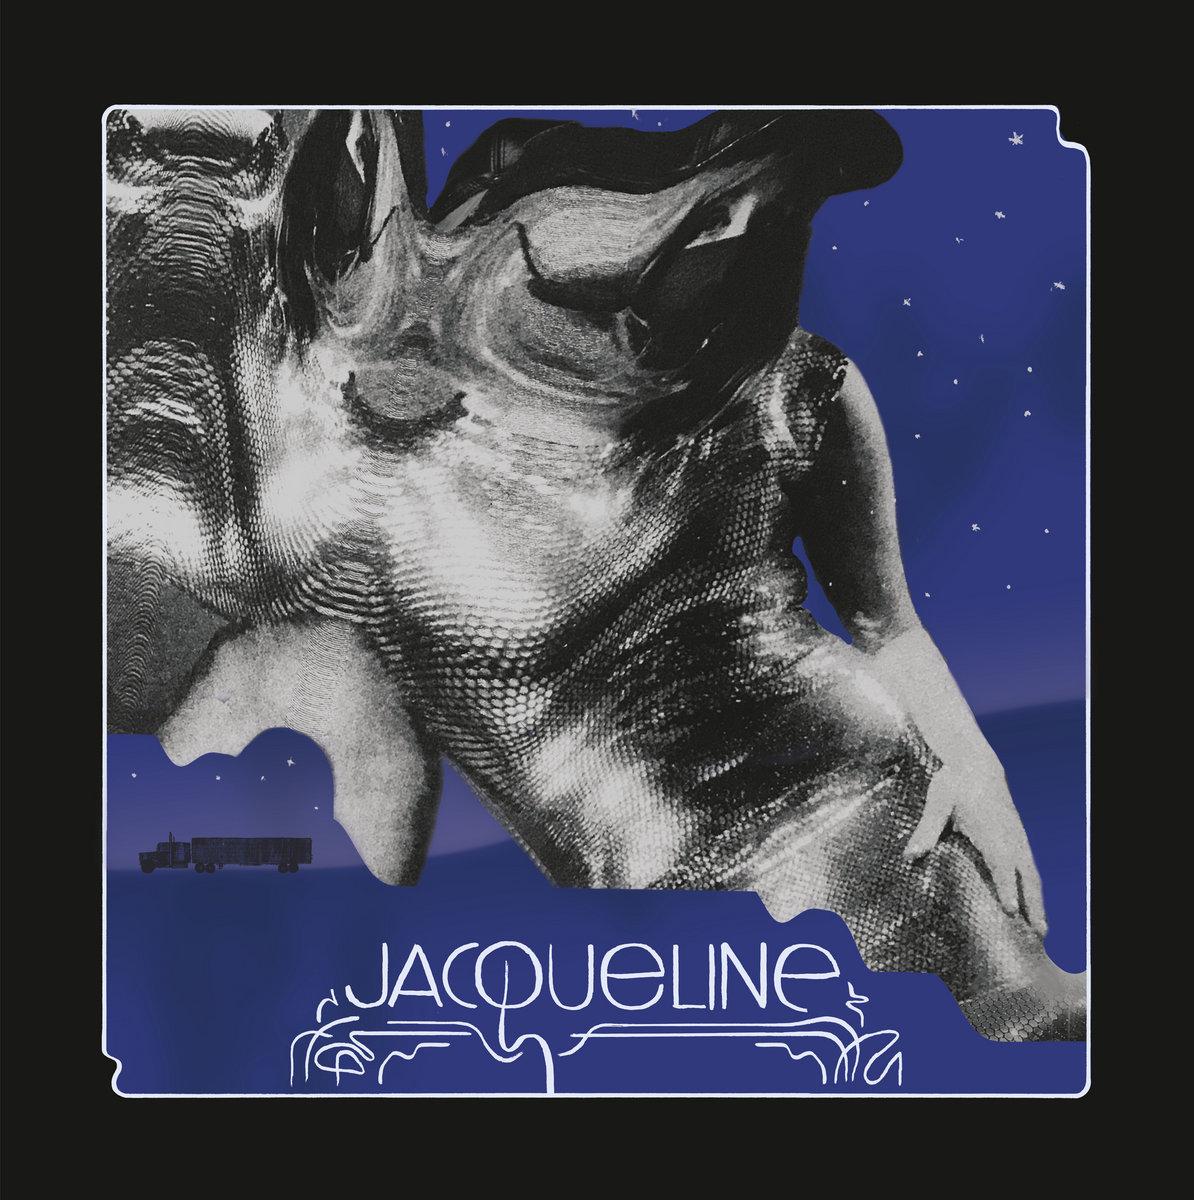 pochette de l'album titré Jacqueline de l'artiste Jackie Lynn